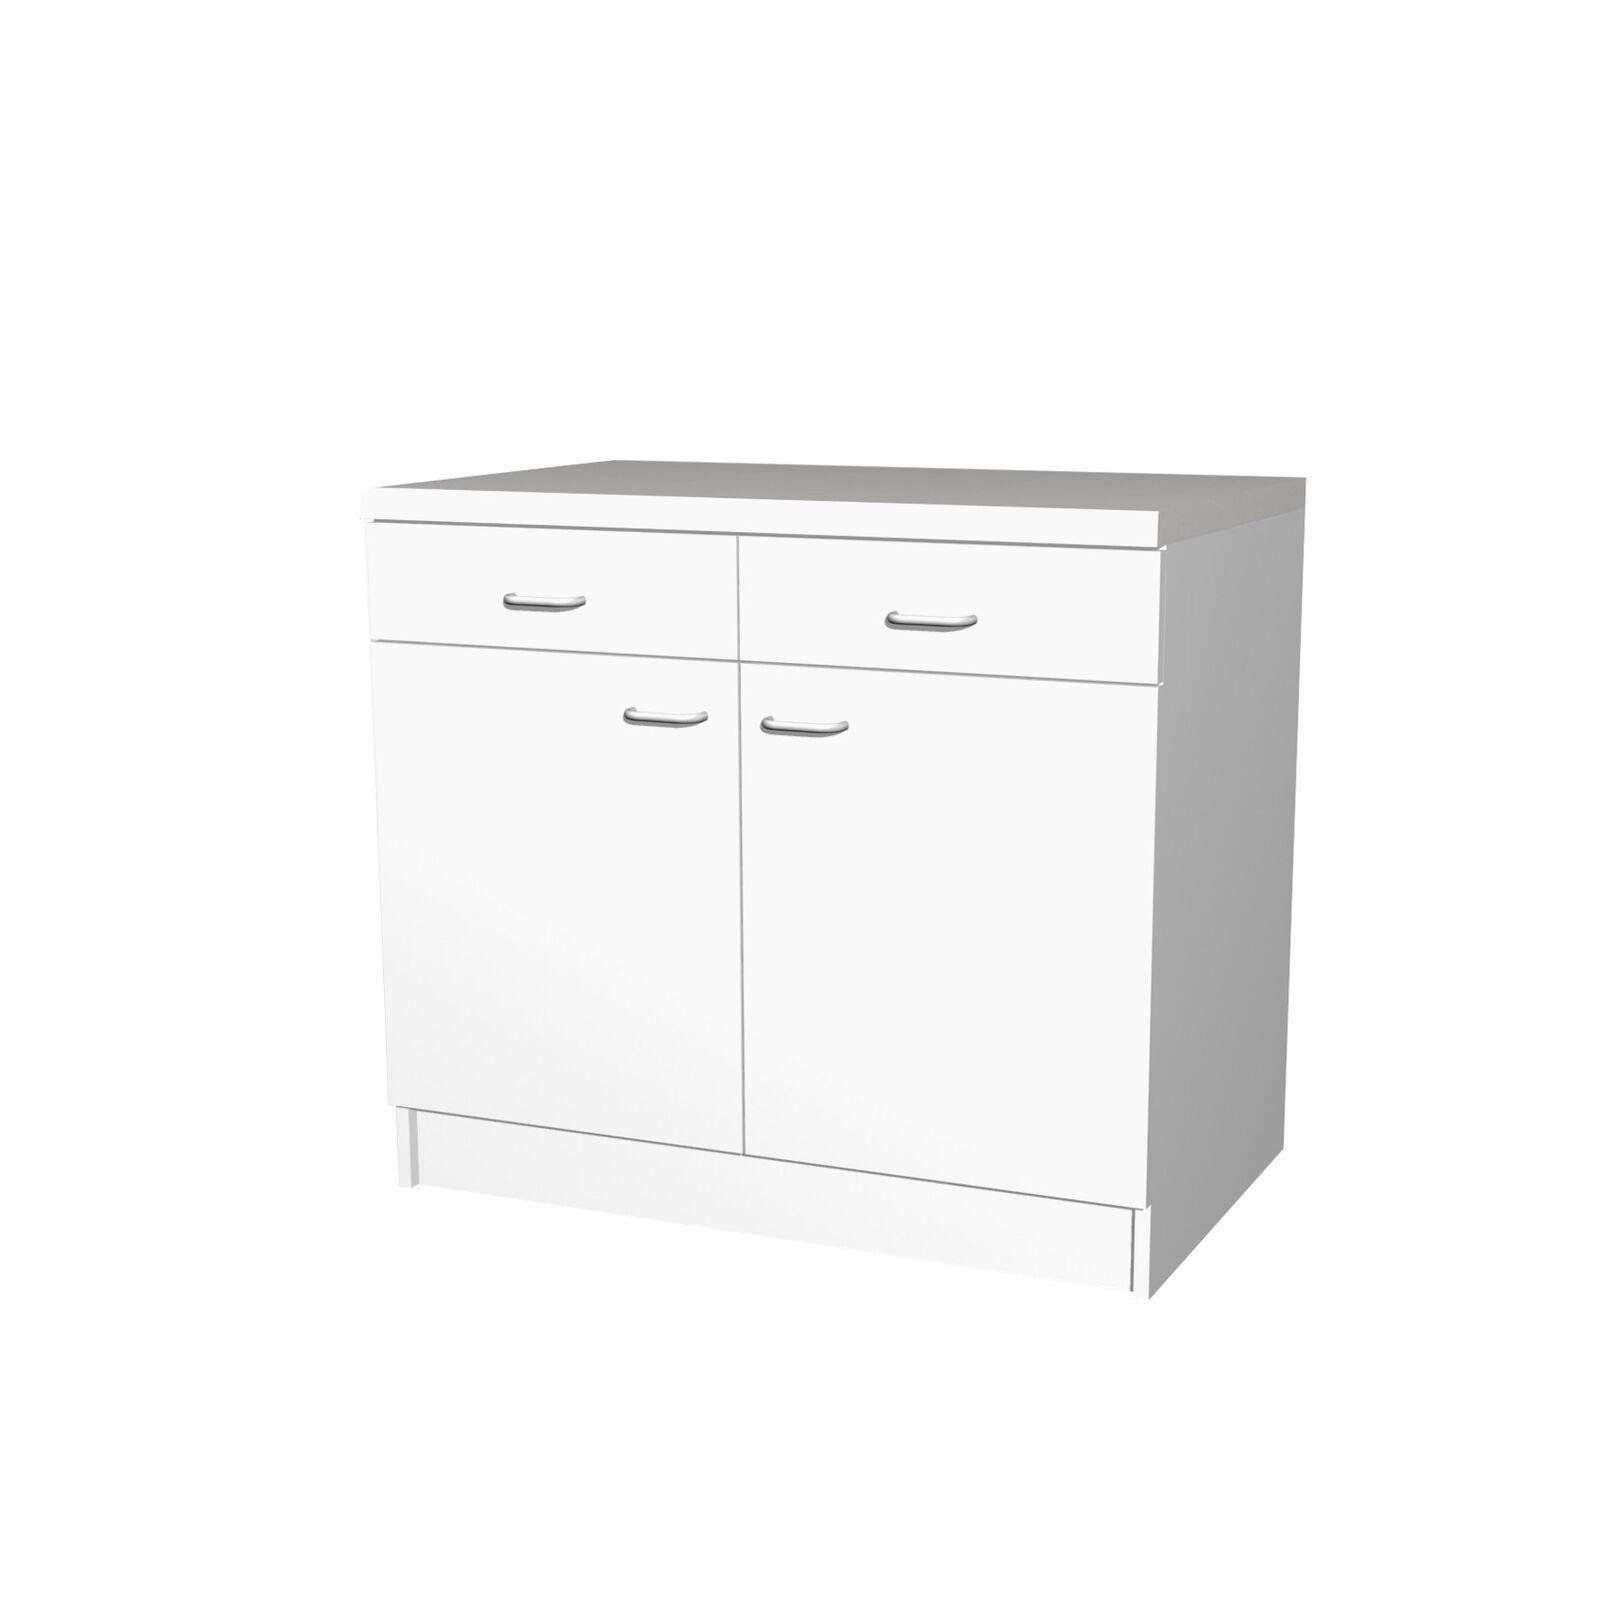 Unterschrank BOCHUM Küchenmöbel Küchenschrank weiss cm 100 ...